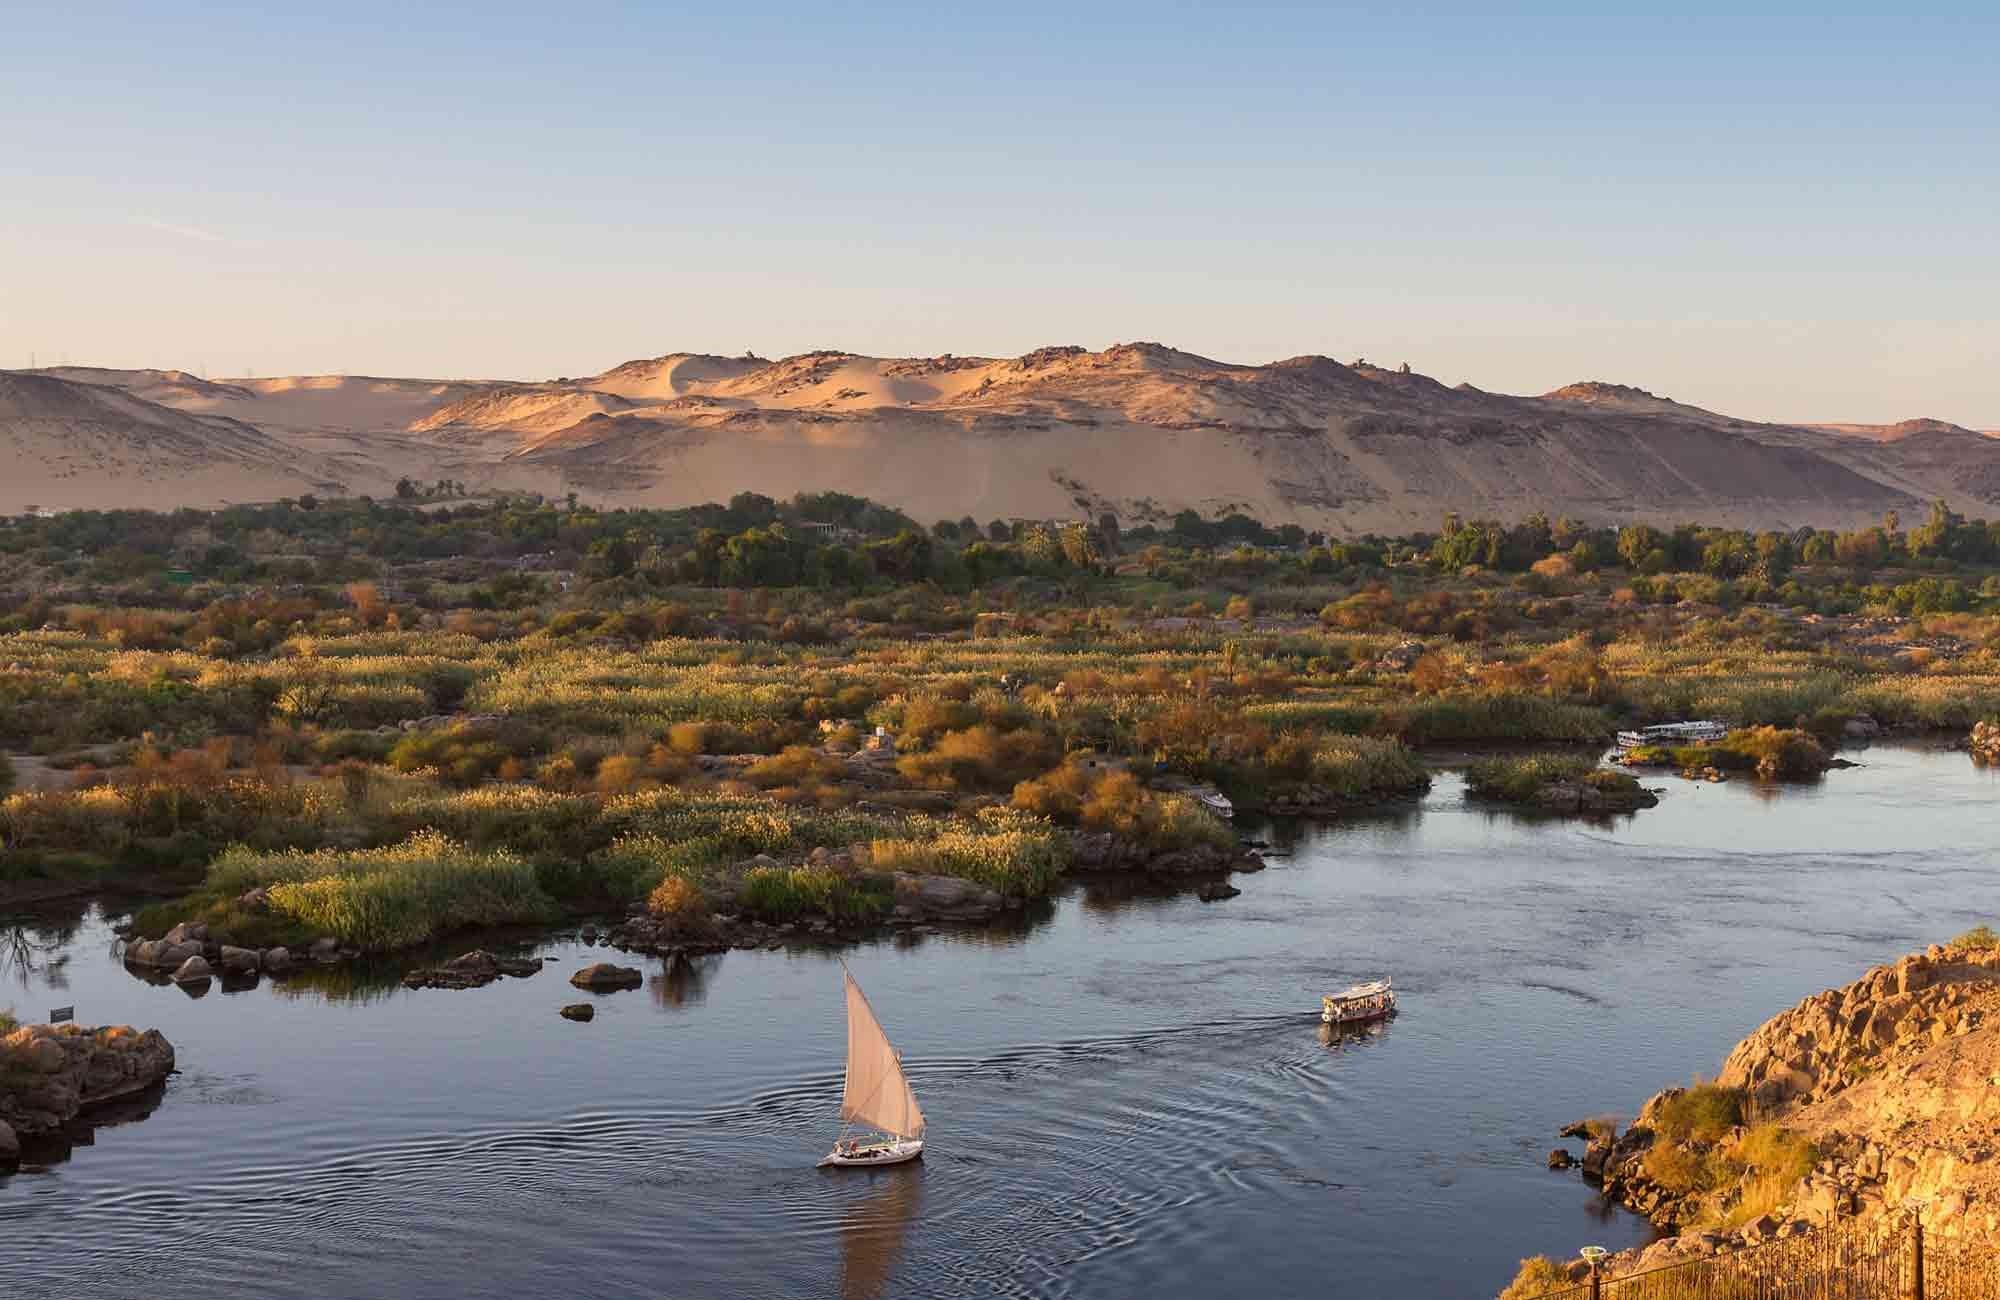 Voyage Egypte - Assouan - Amplitudes